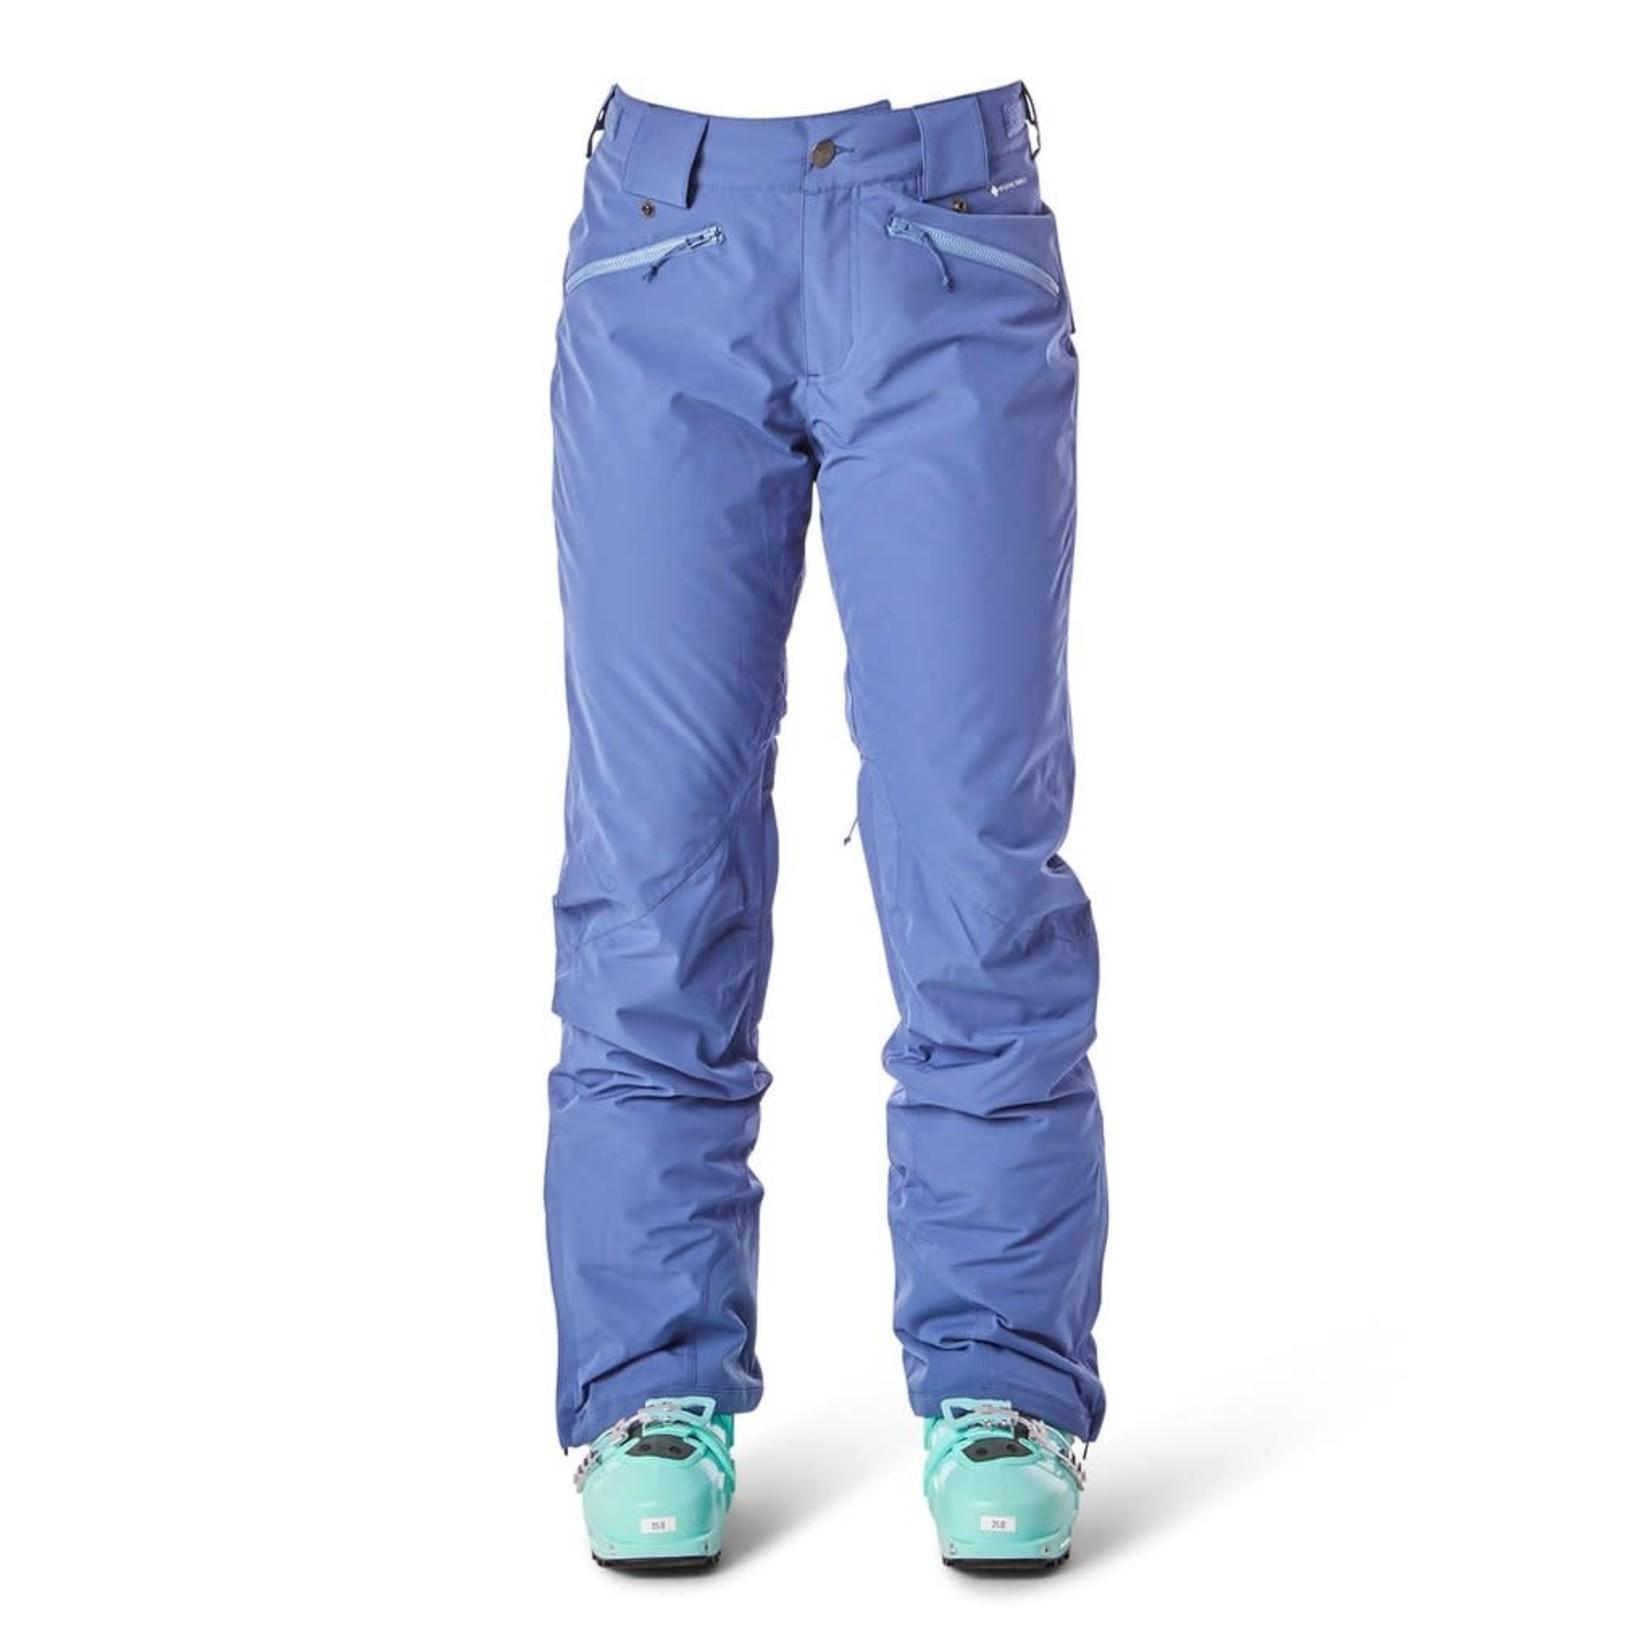 Flylow Pantalon de ski isolé Flylow Daisy - Femme